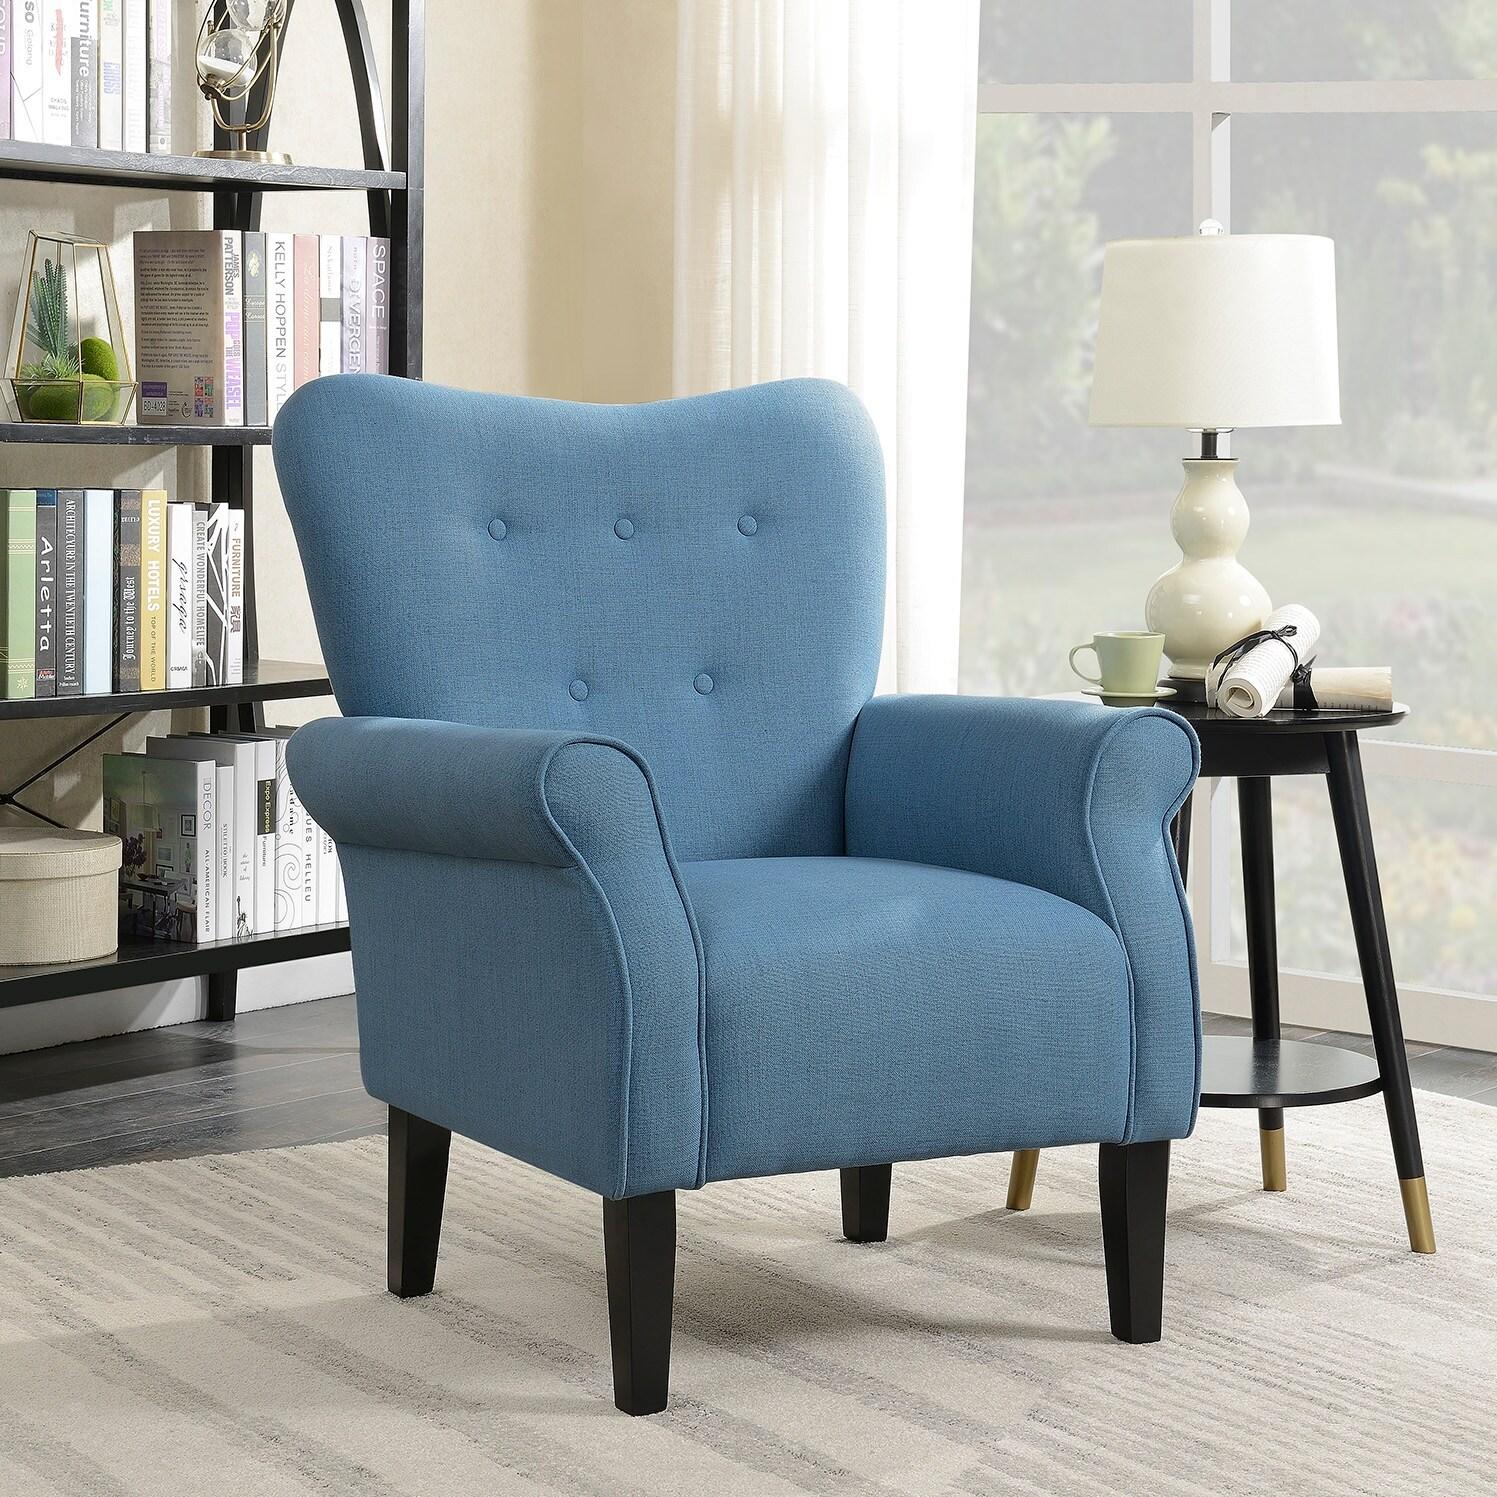 Belleze modern linen accent chair armrest living room w wood leg blue